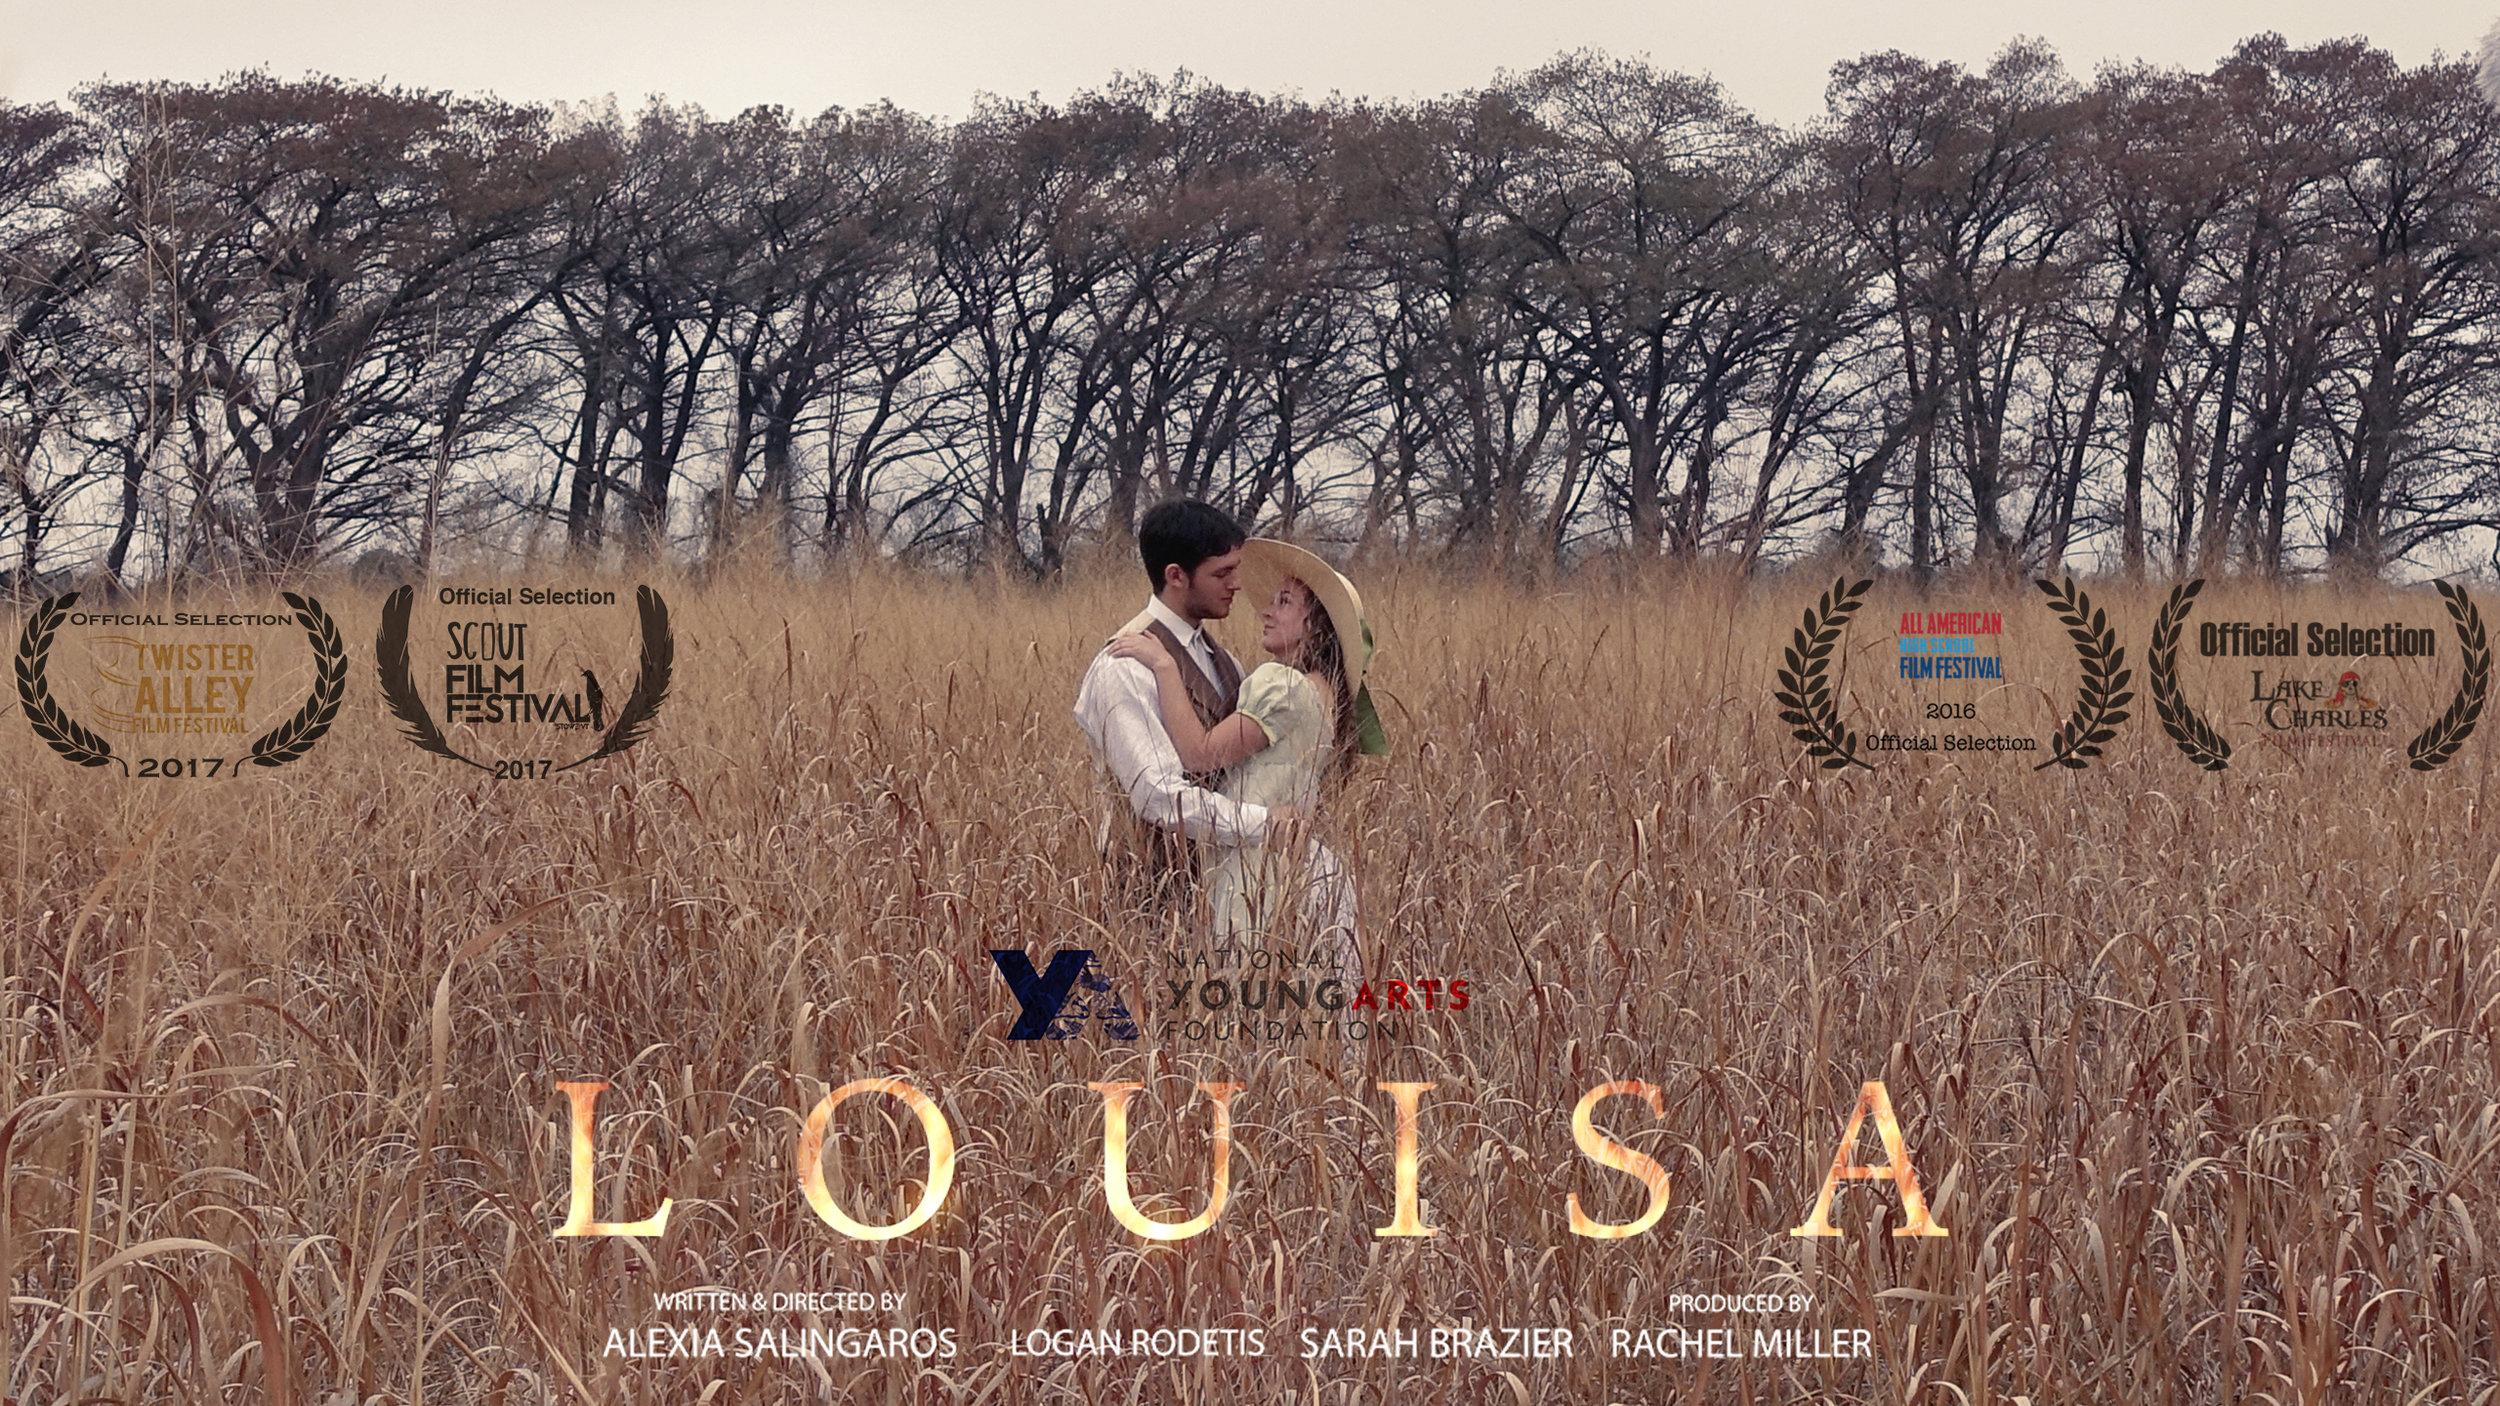 Louisa_web cover.jpg